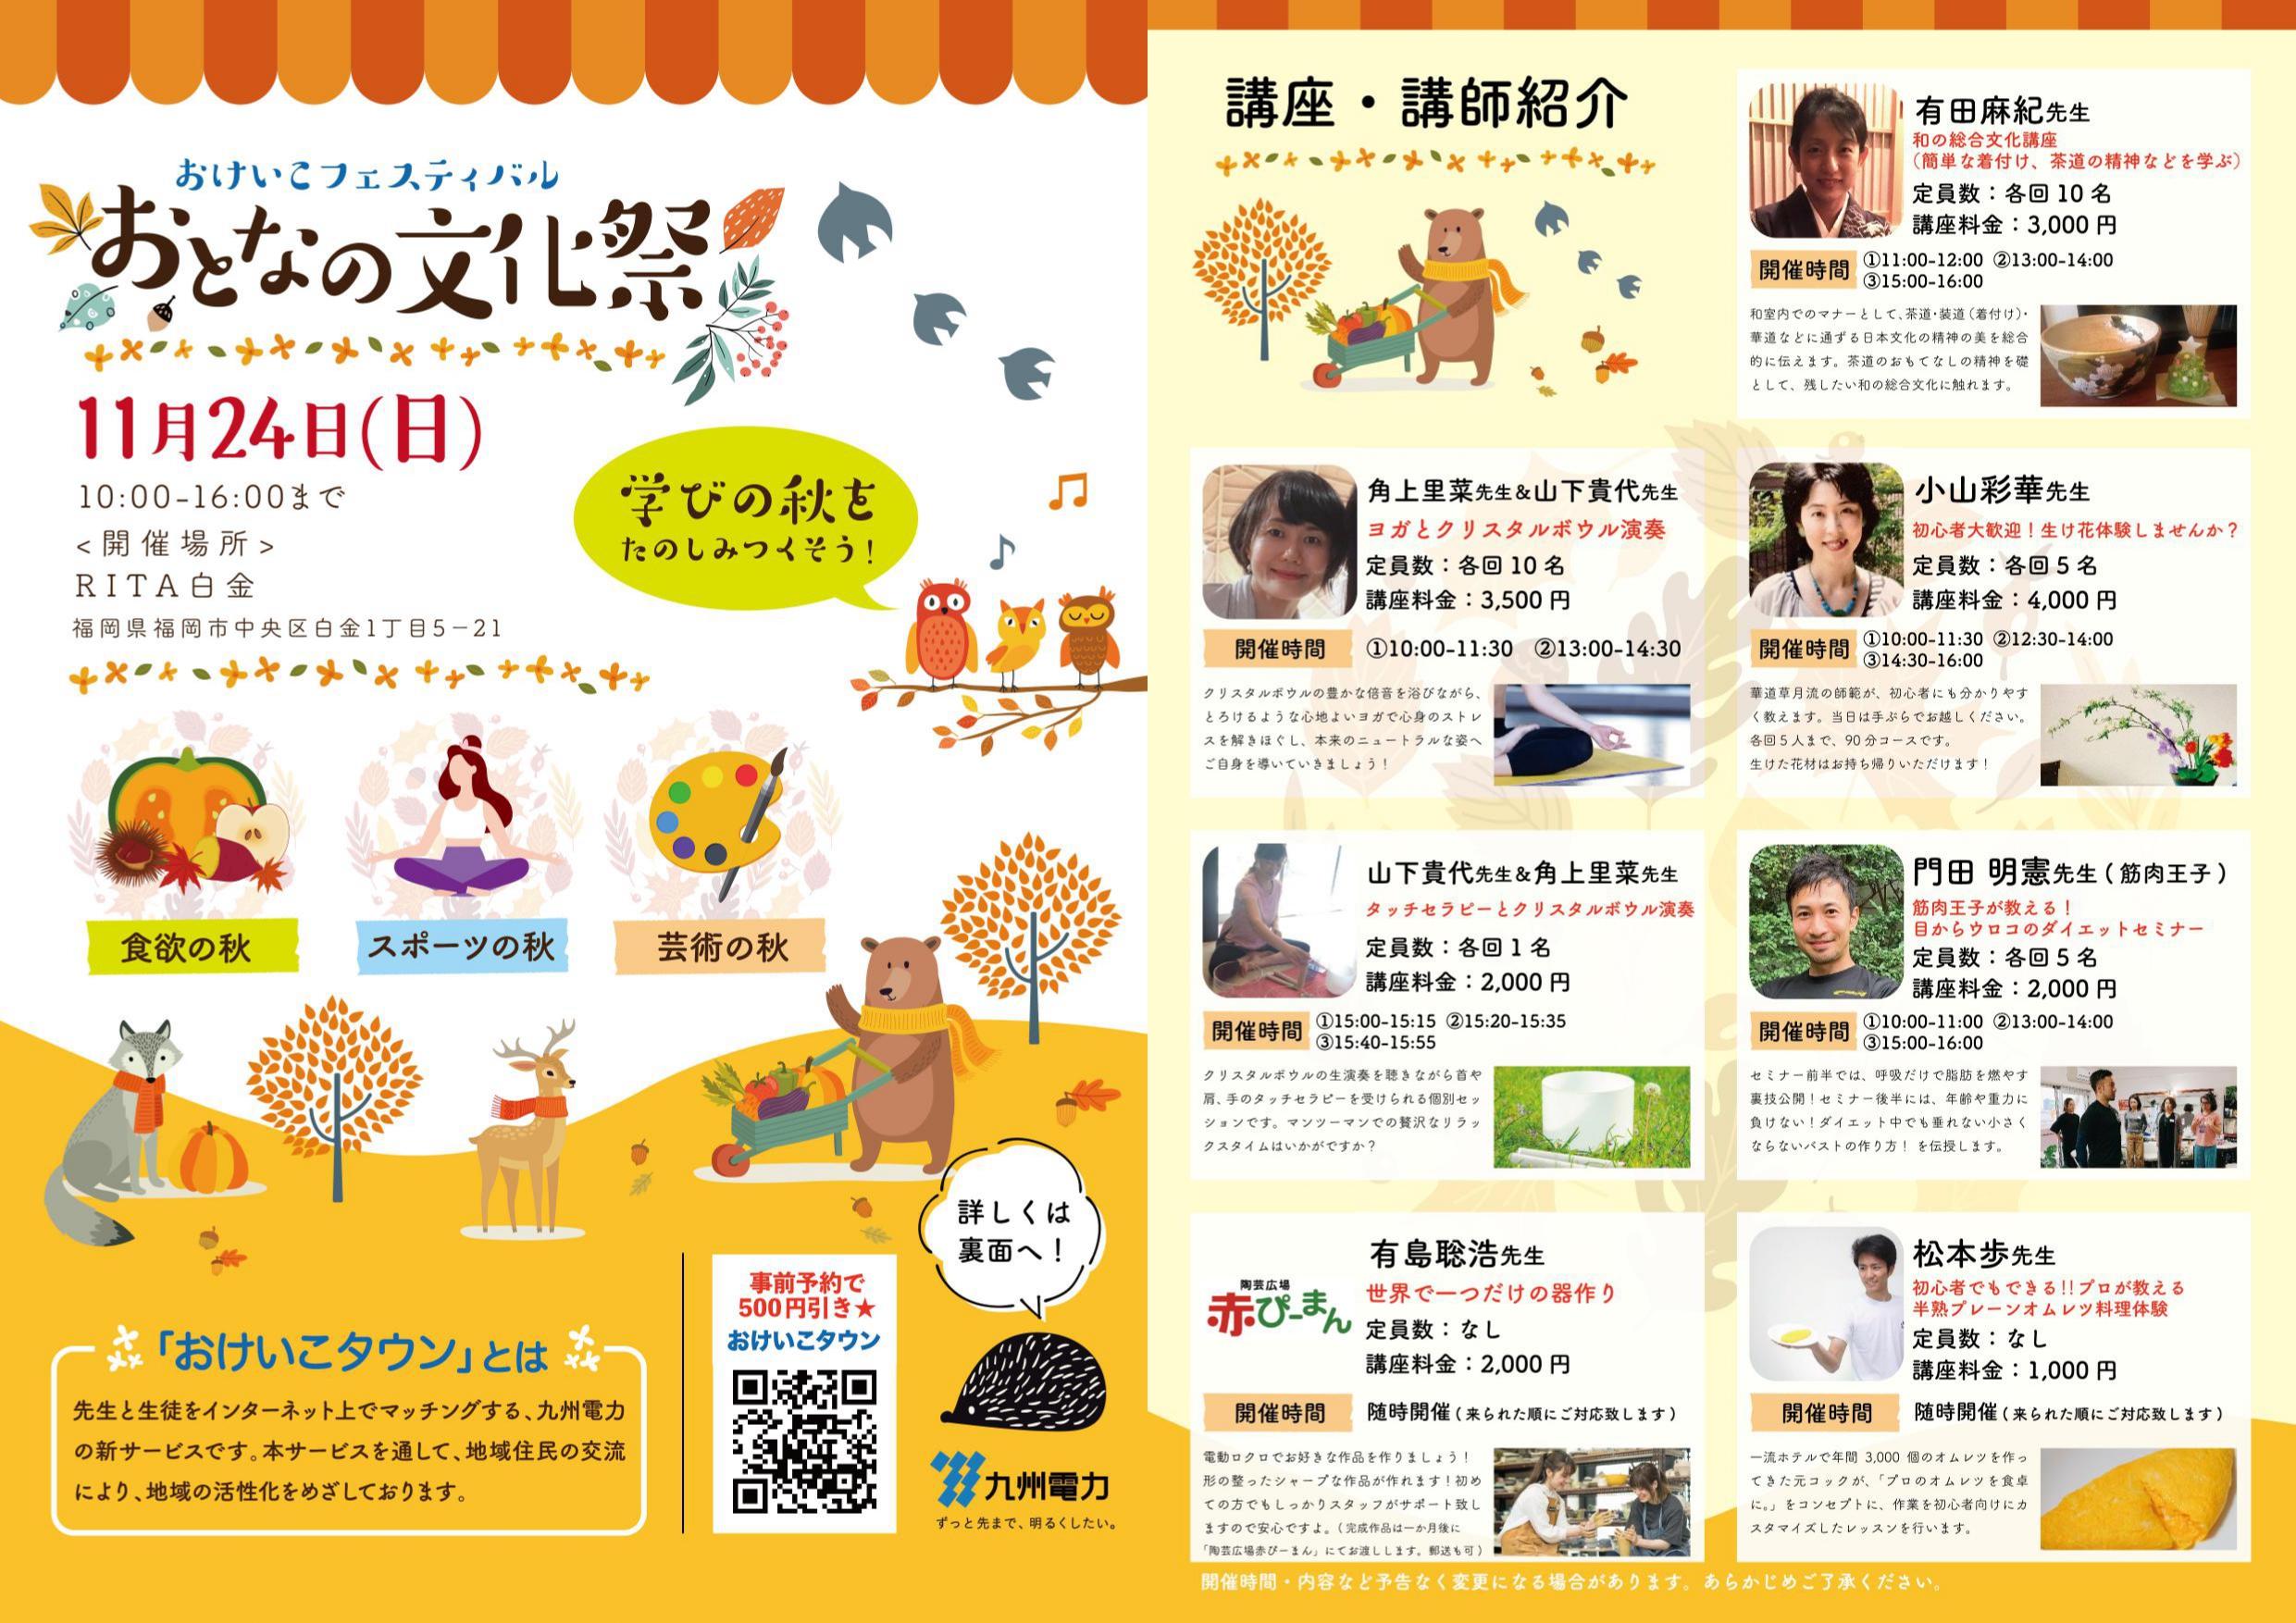 RITA 11/24 EVENT おけいこフェスティバル「おとなの文化祭」